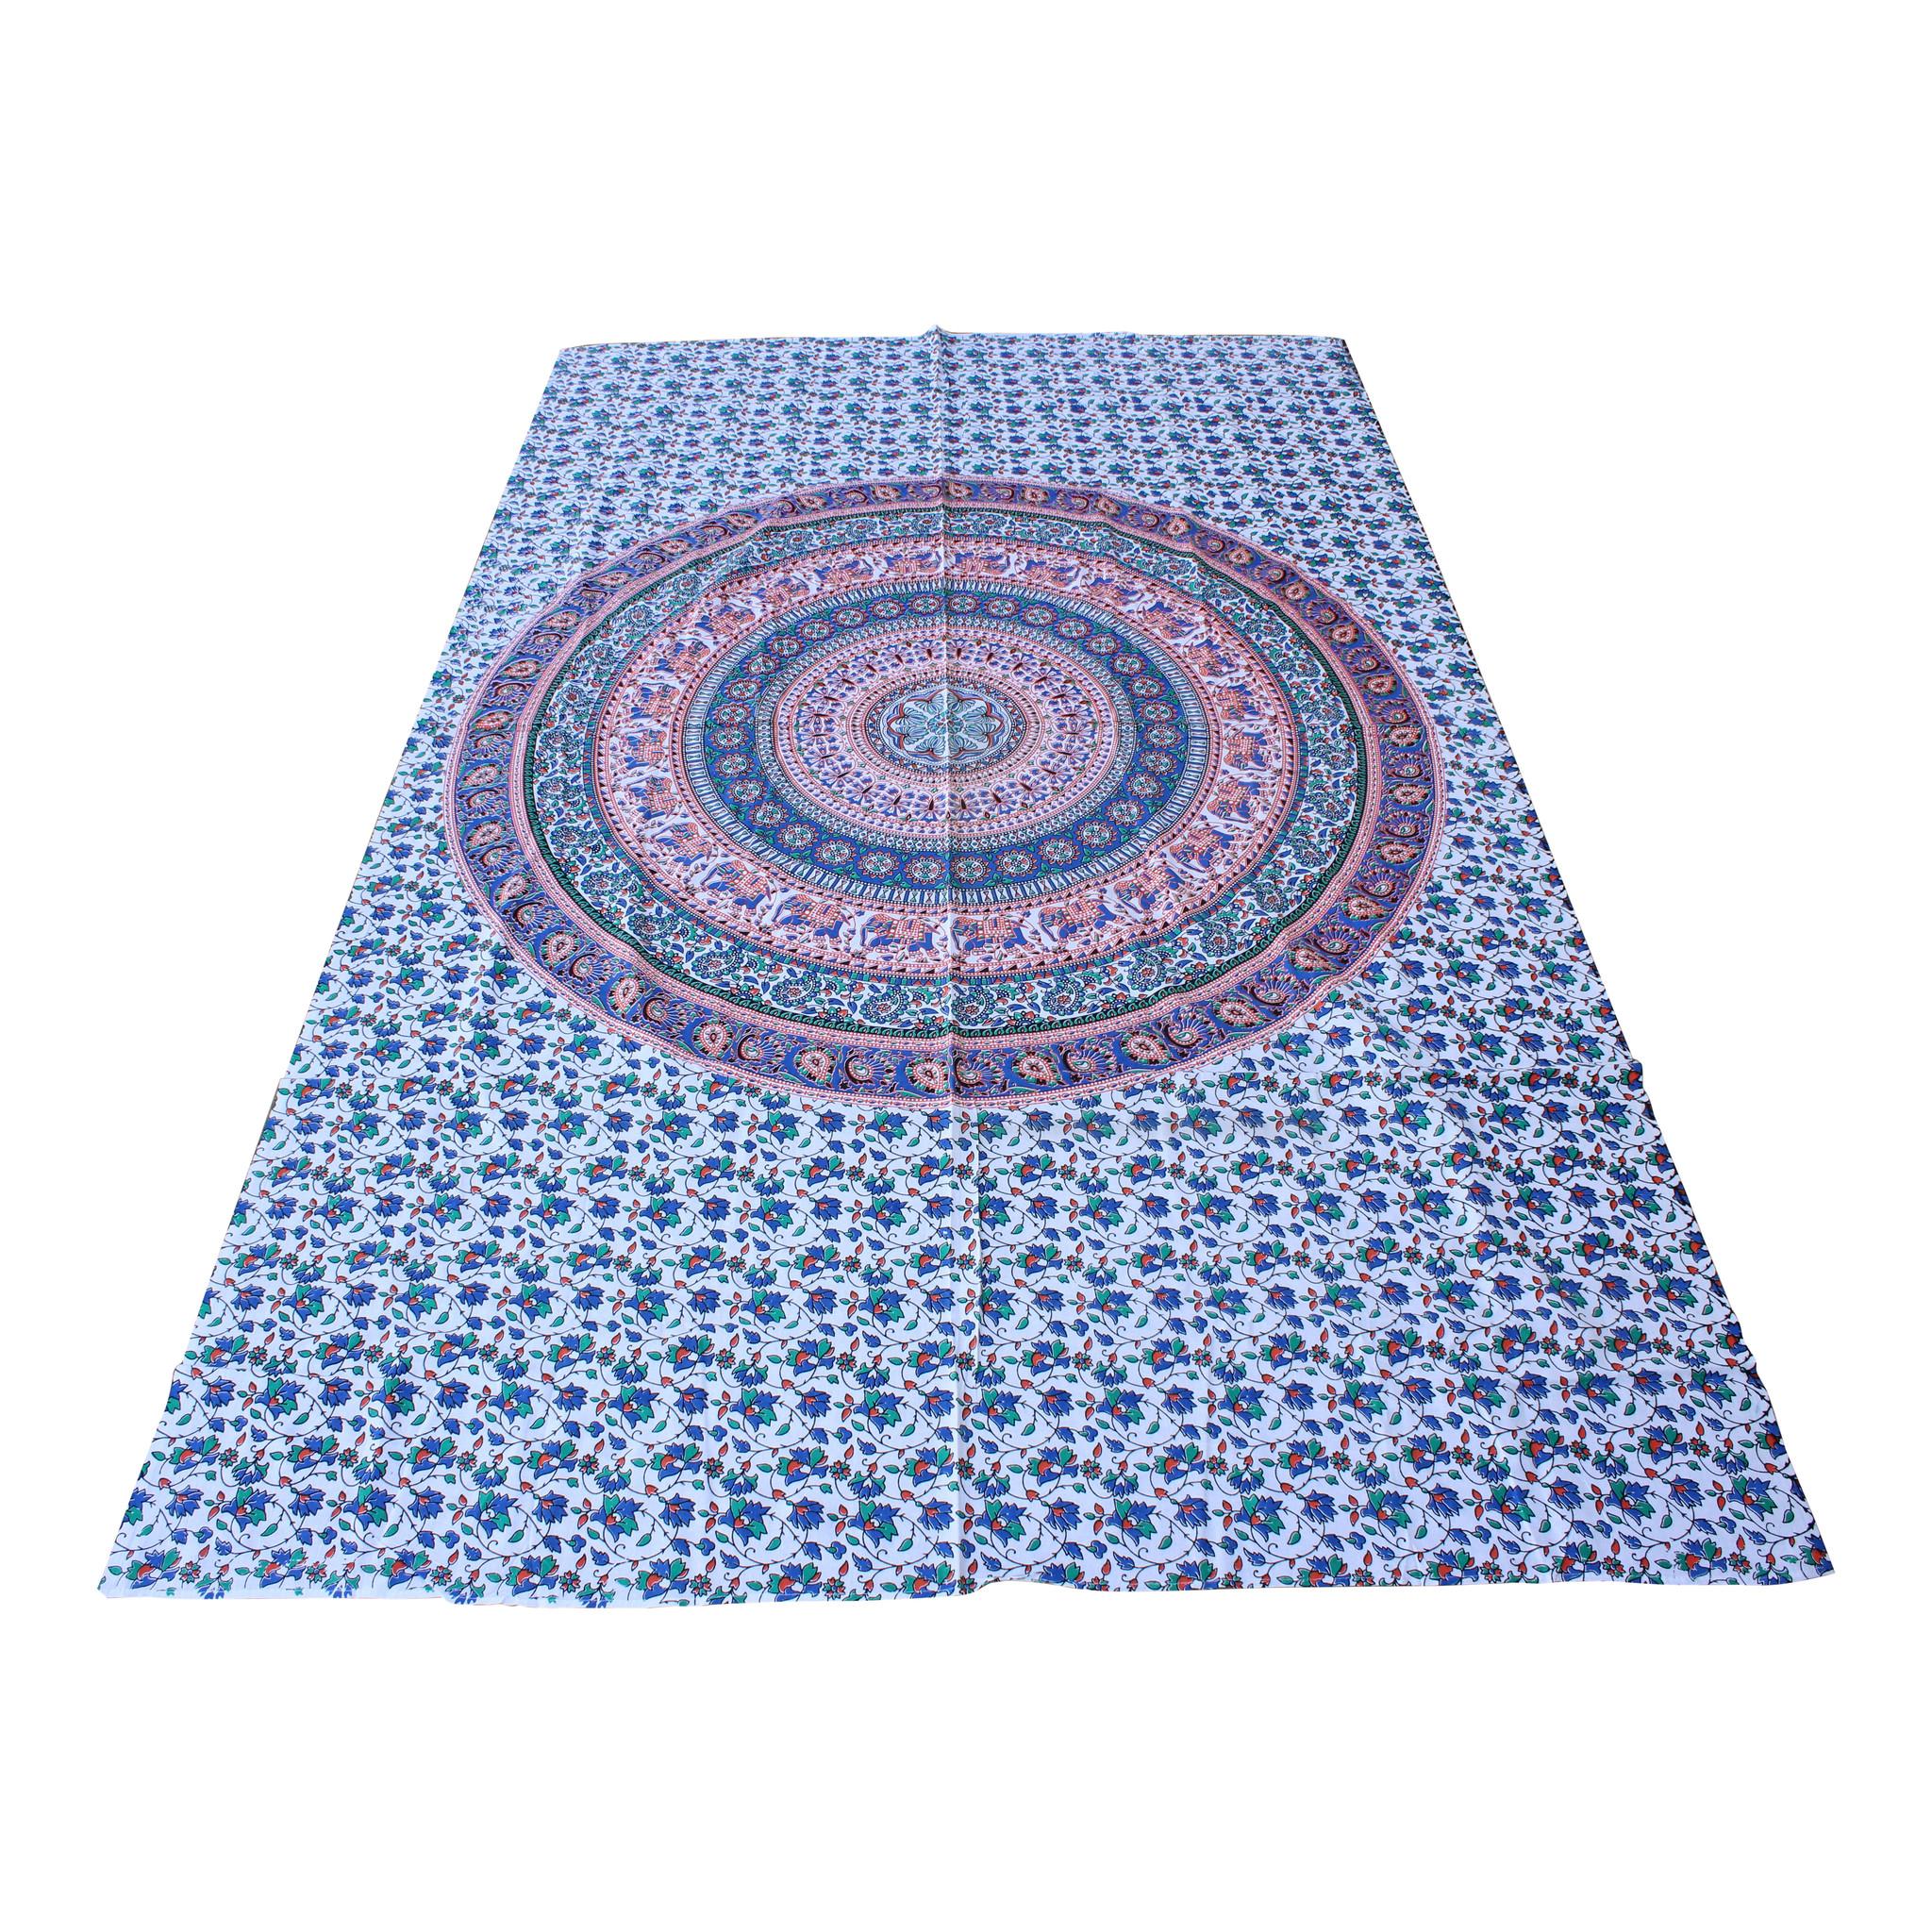 Myroundie Myroundie – roundie  - rechthoekig strandlaken – strandkleed - yoga kleed - picknickkleed - speelkleed - muurkleed - 100% katoen  - 140 x 210 cm - 838